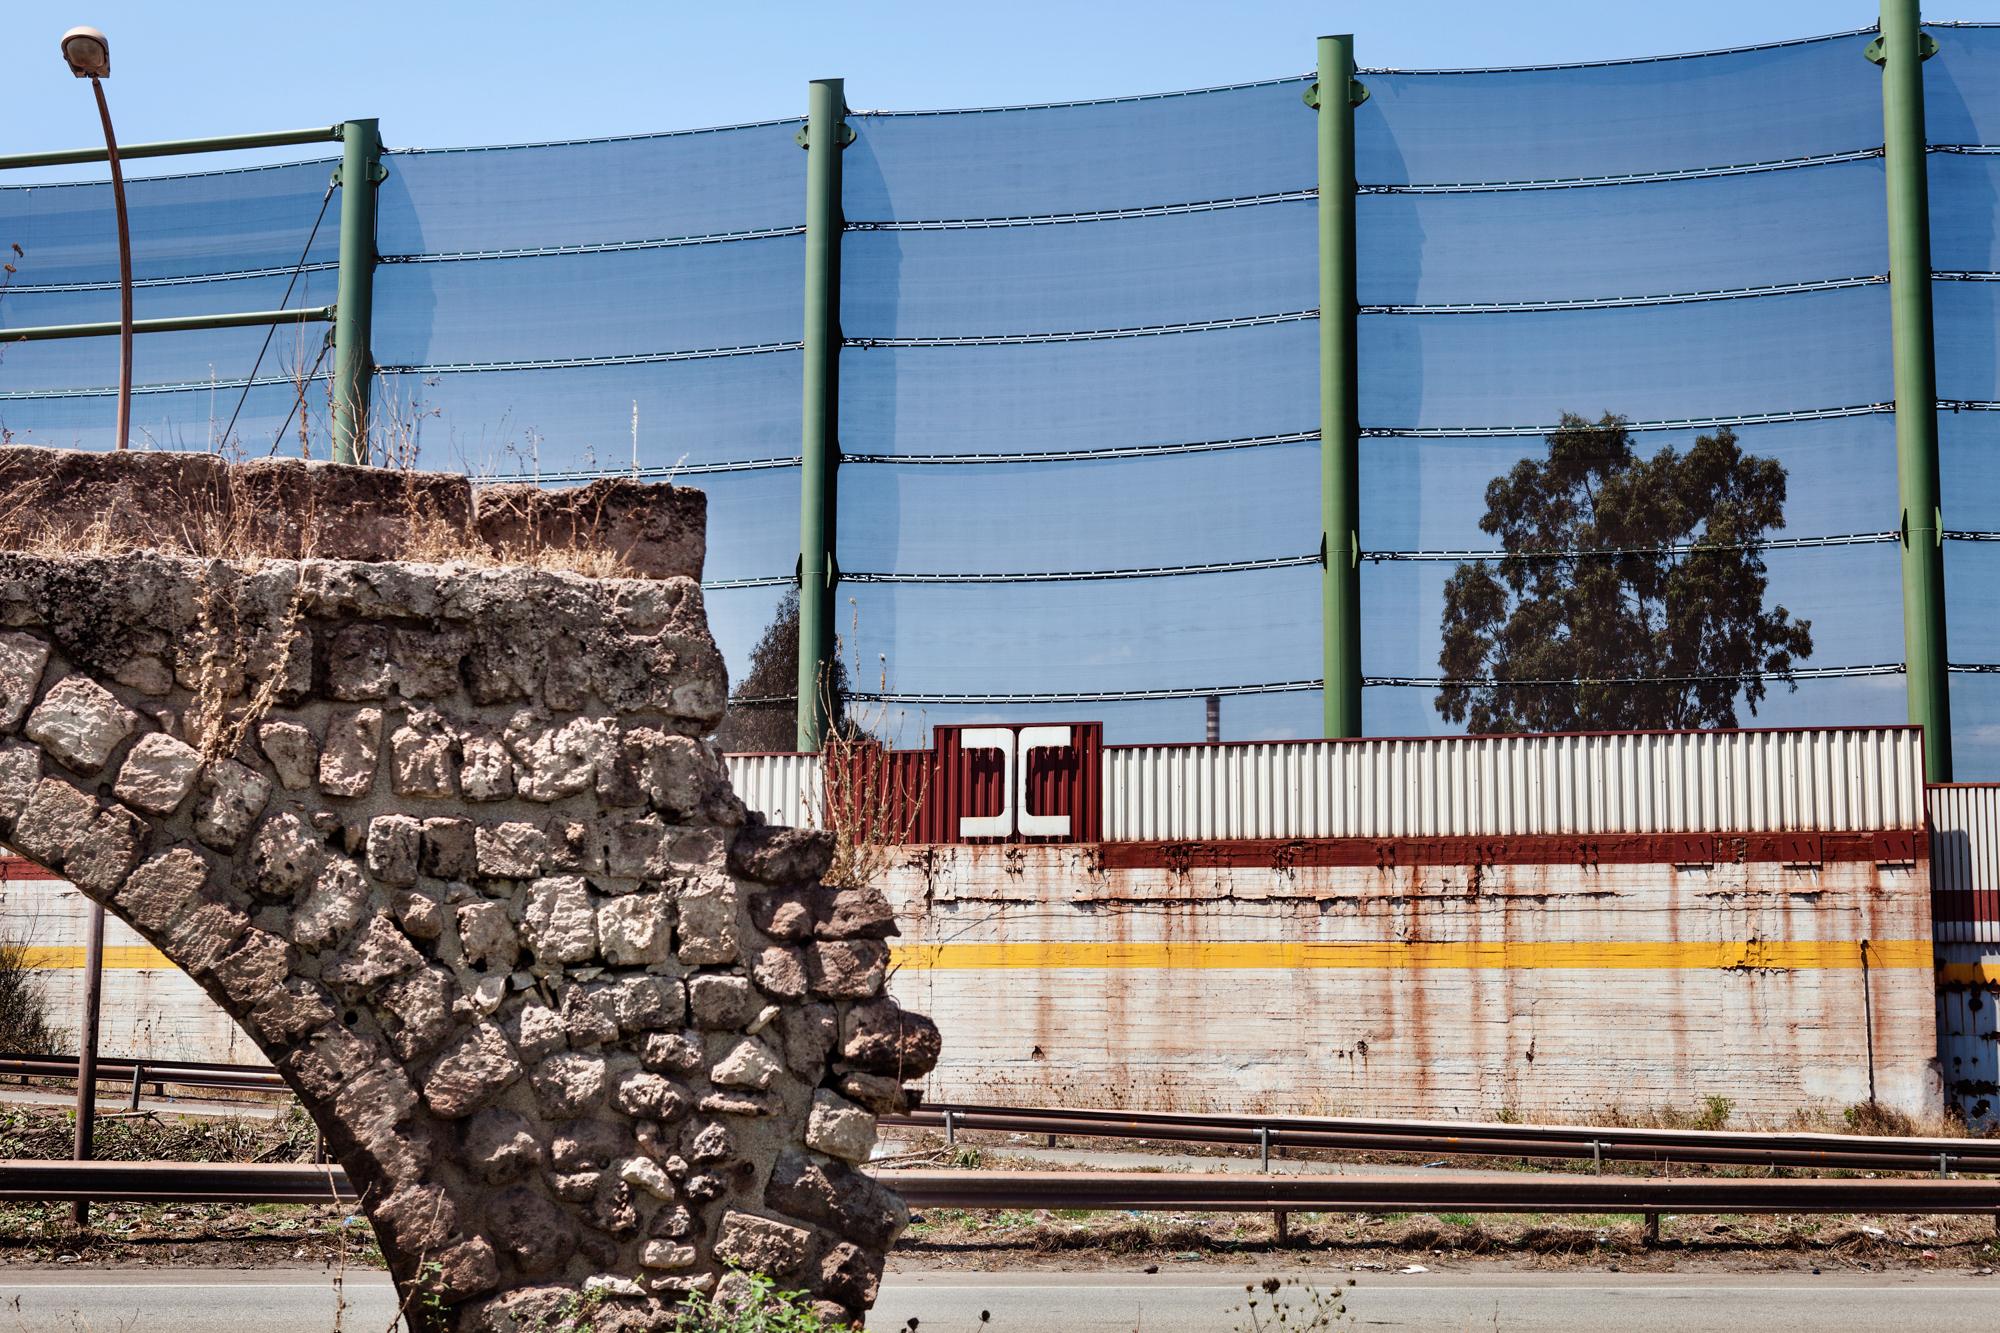 Taranto, Italia, 1 Agosto 2013. Recinzione dello stabilimento Ilva di Taranto. La rete sopra alle mura è stata costruita nel 2012 come previsto dall'Aia (Autorizzazione Integrata Ambientale rilasciata dal Ministero dell'Ambiente) per difendere l'adiacente quartiere dei Tamburi dalla diffusione delle polveri di minerali provenienti dall'impianto. In primo piano, i resti dell'acquedotto del Triglio, di epoca romana. Tamburi deve il proprio nome al rumore delle gocce di acqua che cadevano dall'acquedotto, simile al suono delle percussioni.